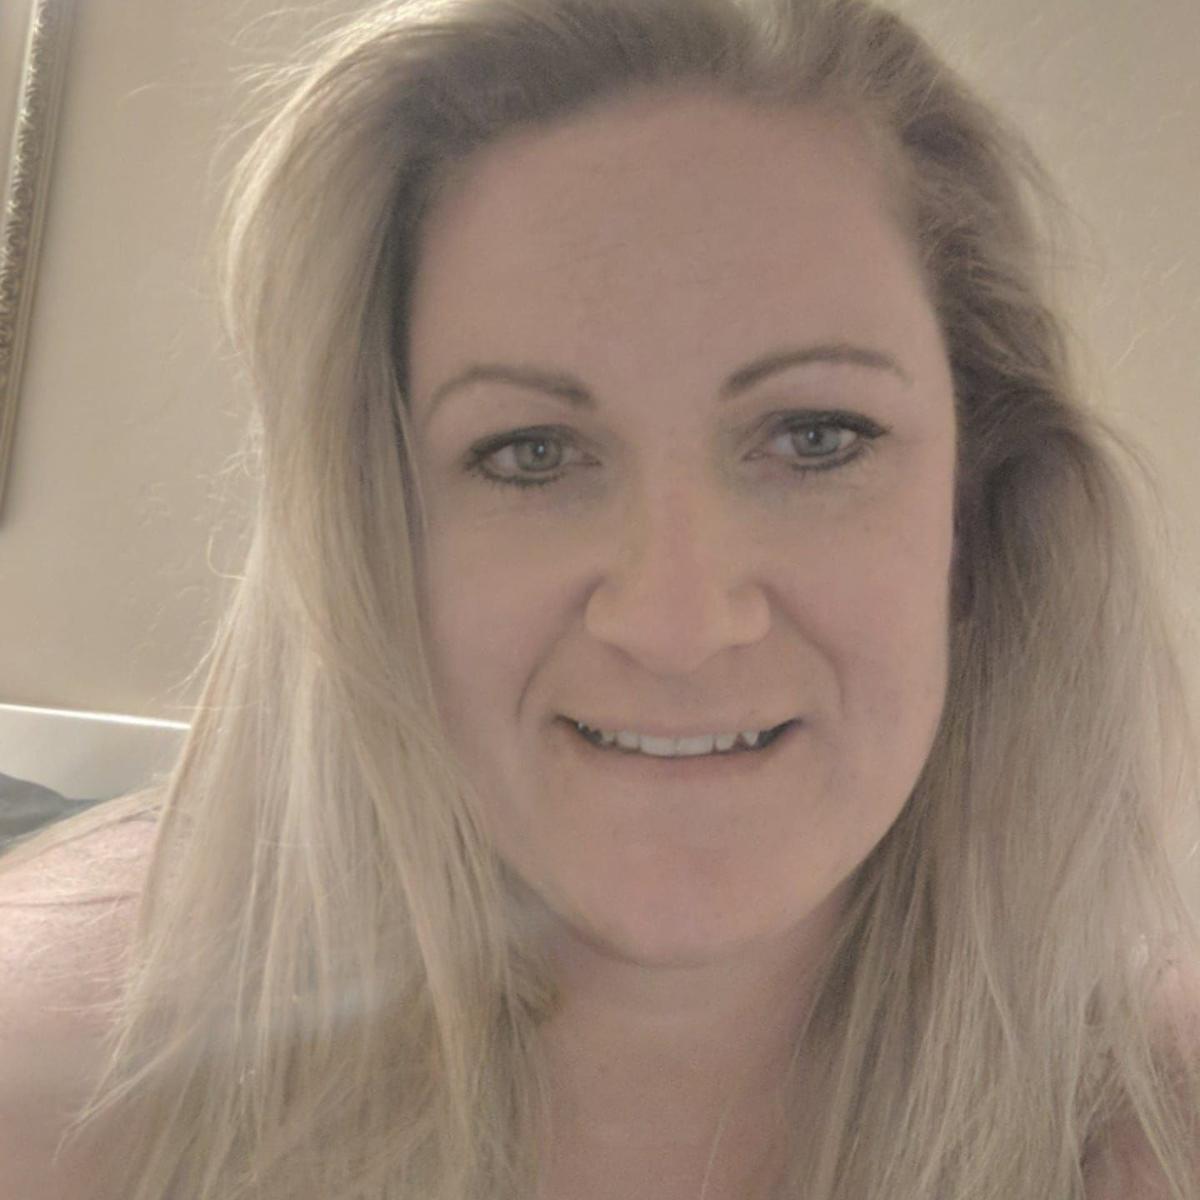 Tiffany Naill 5 questions headshot